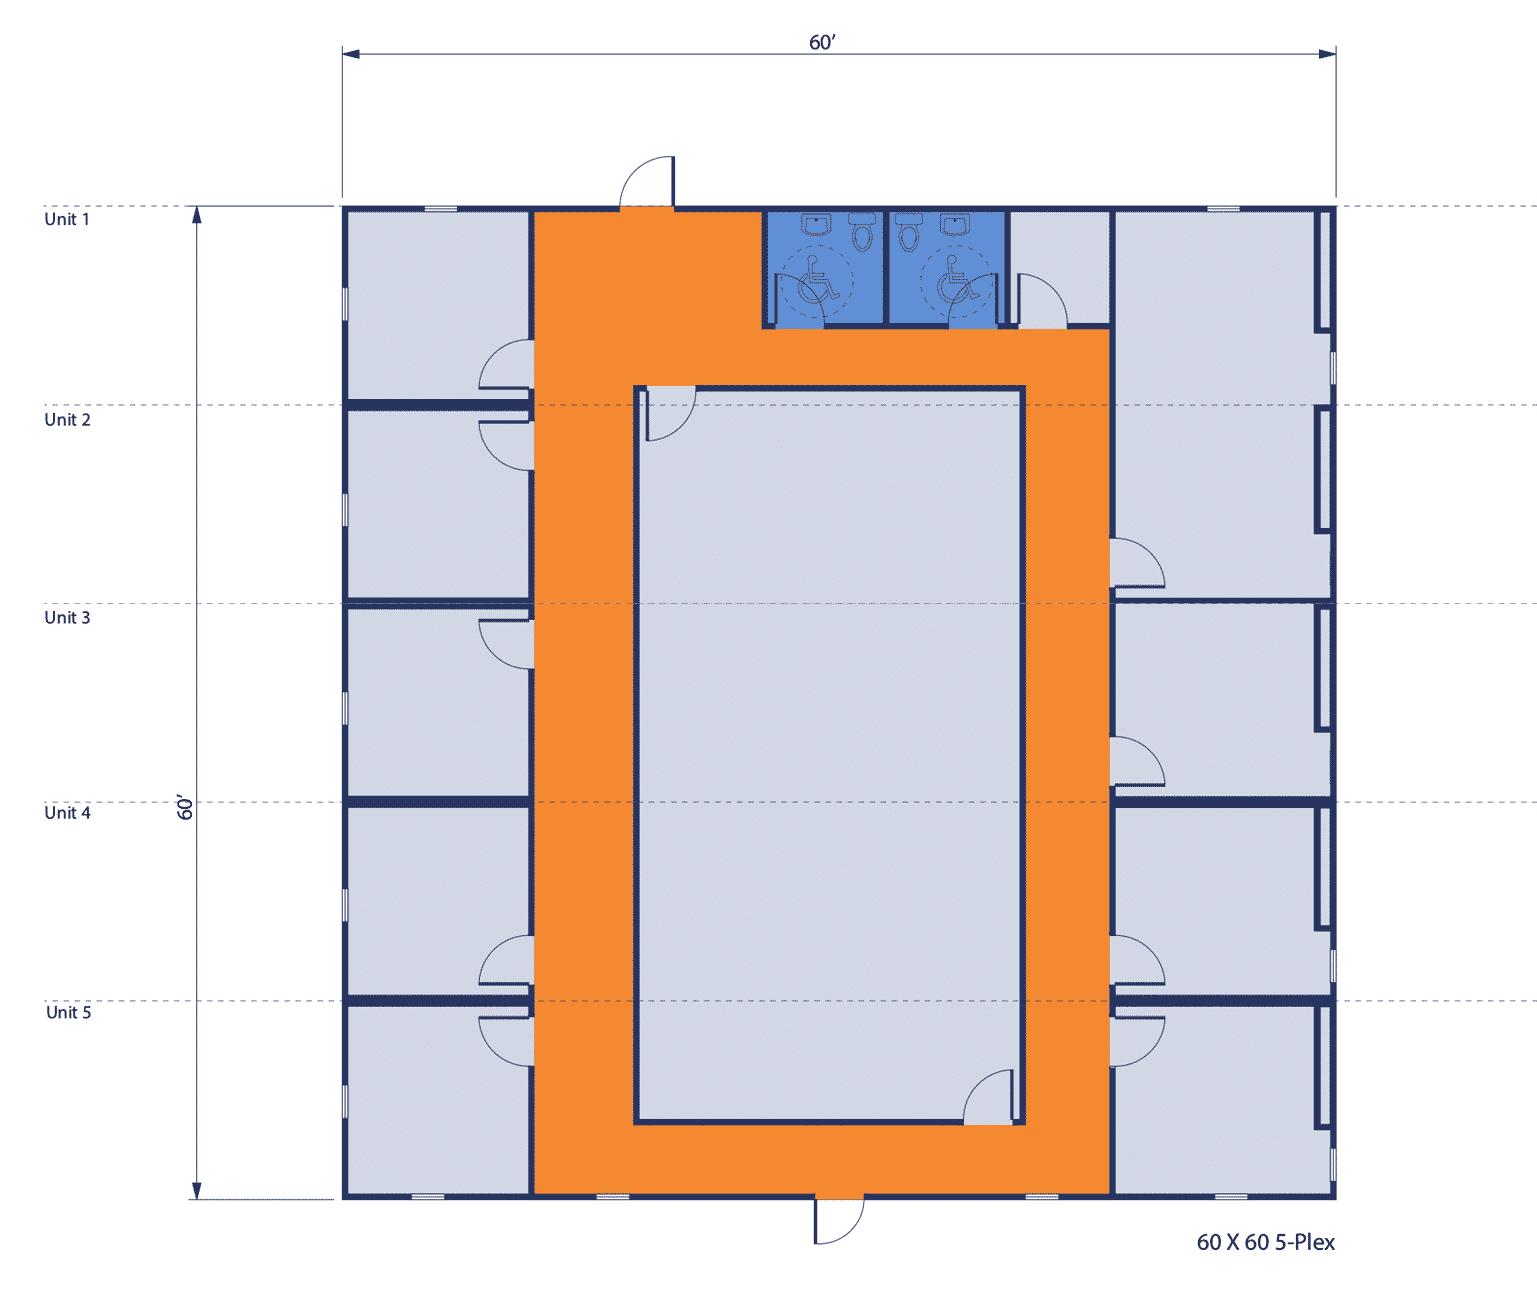 60'x60' 5-Plex Office Complex floorplan